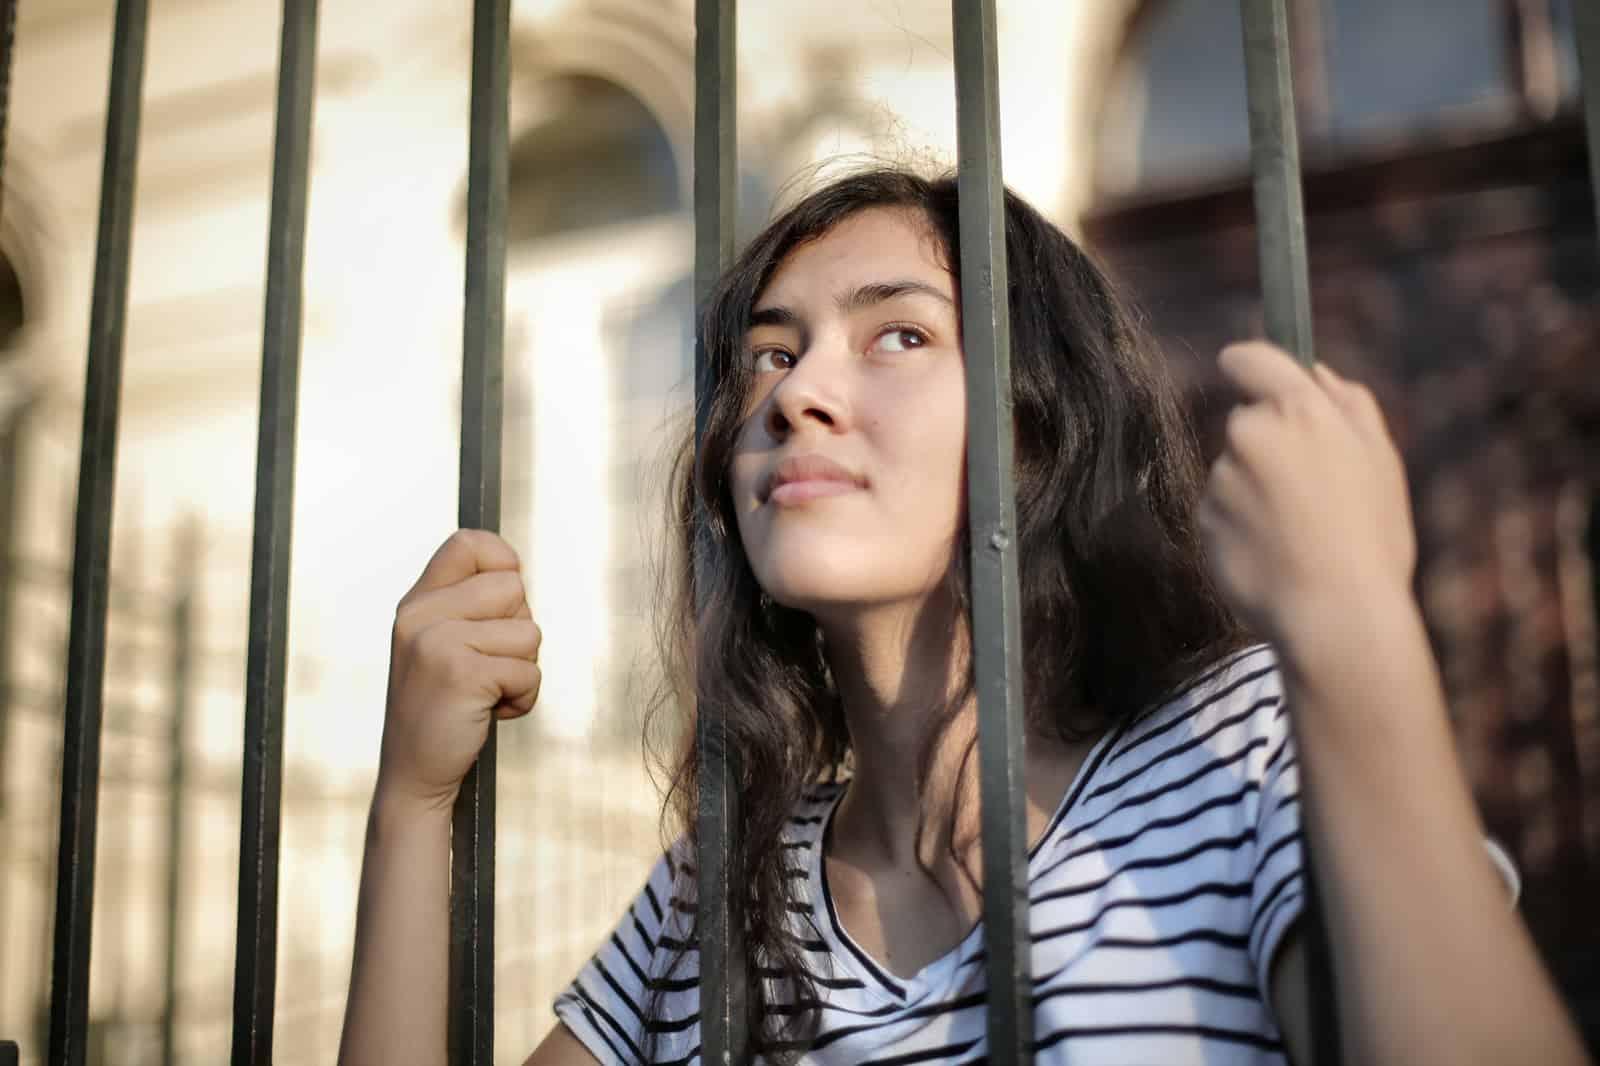 eine nachdenkliche Frau, die hoffnungsvoll durch den Zaun schaut